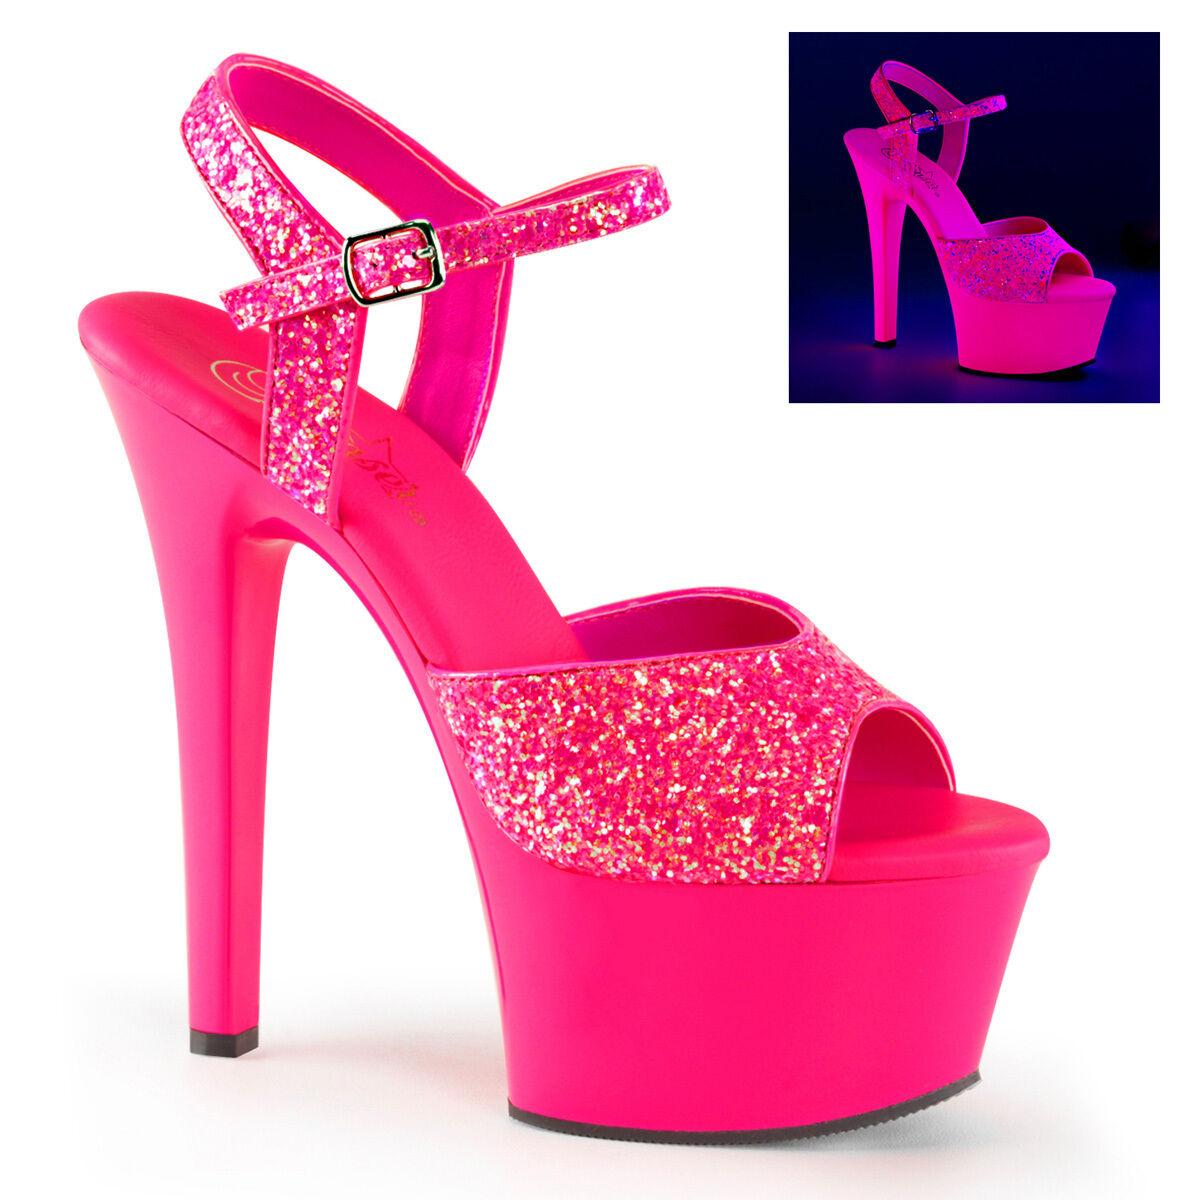 Pleaser ASPIRE-609G Exotic Dancing Platform Ankle Strap Sandale